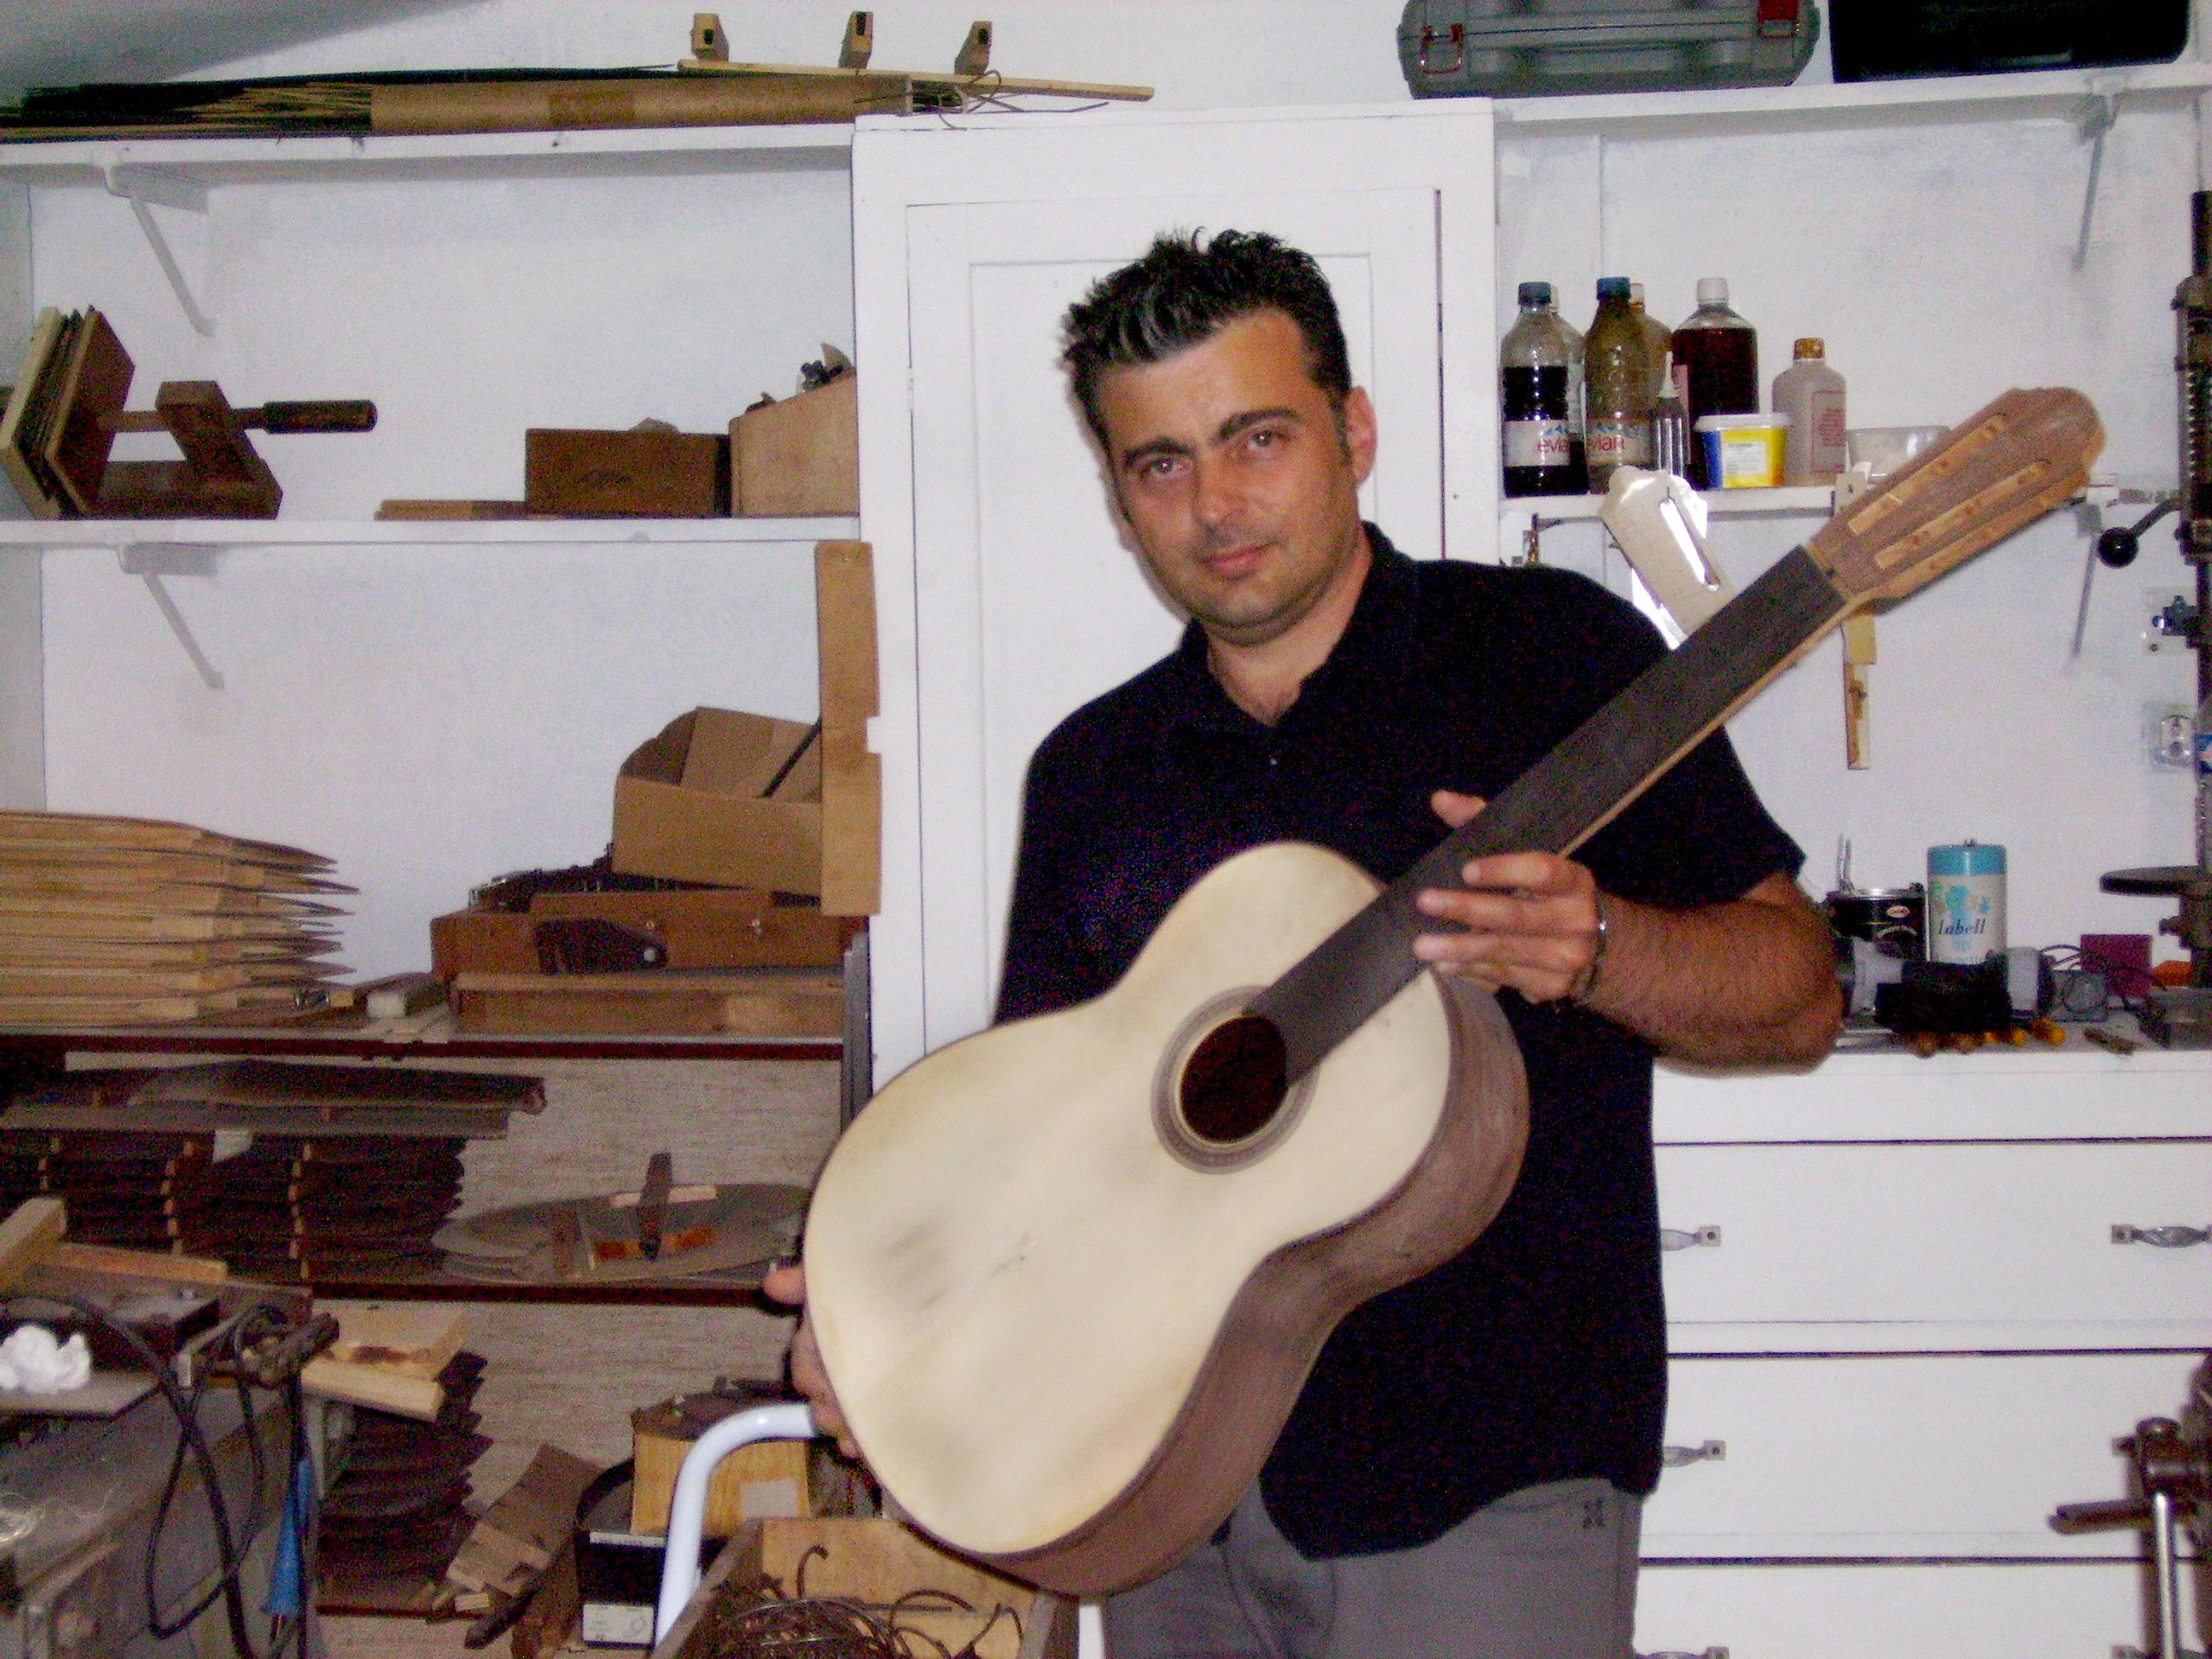 Jean-Baptiste Castelluccia